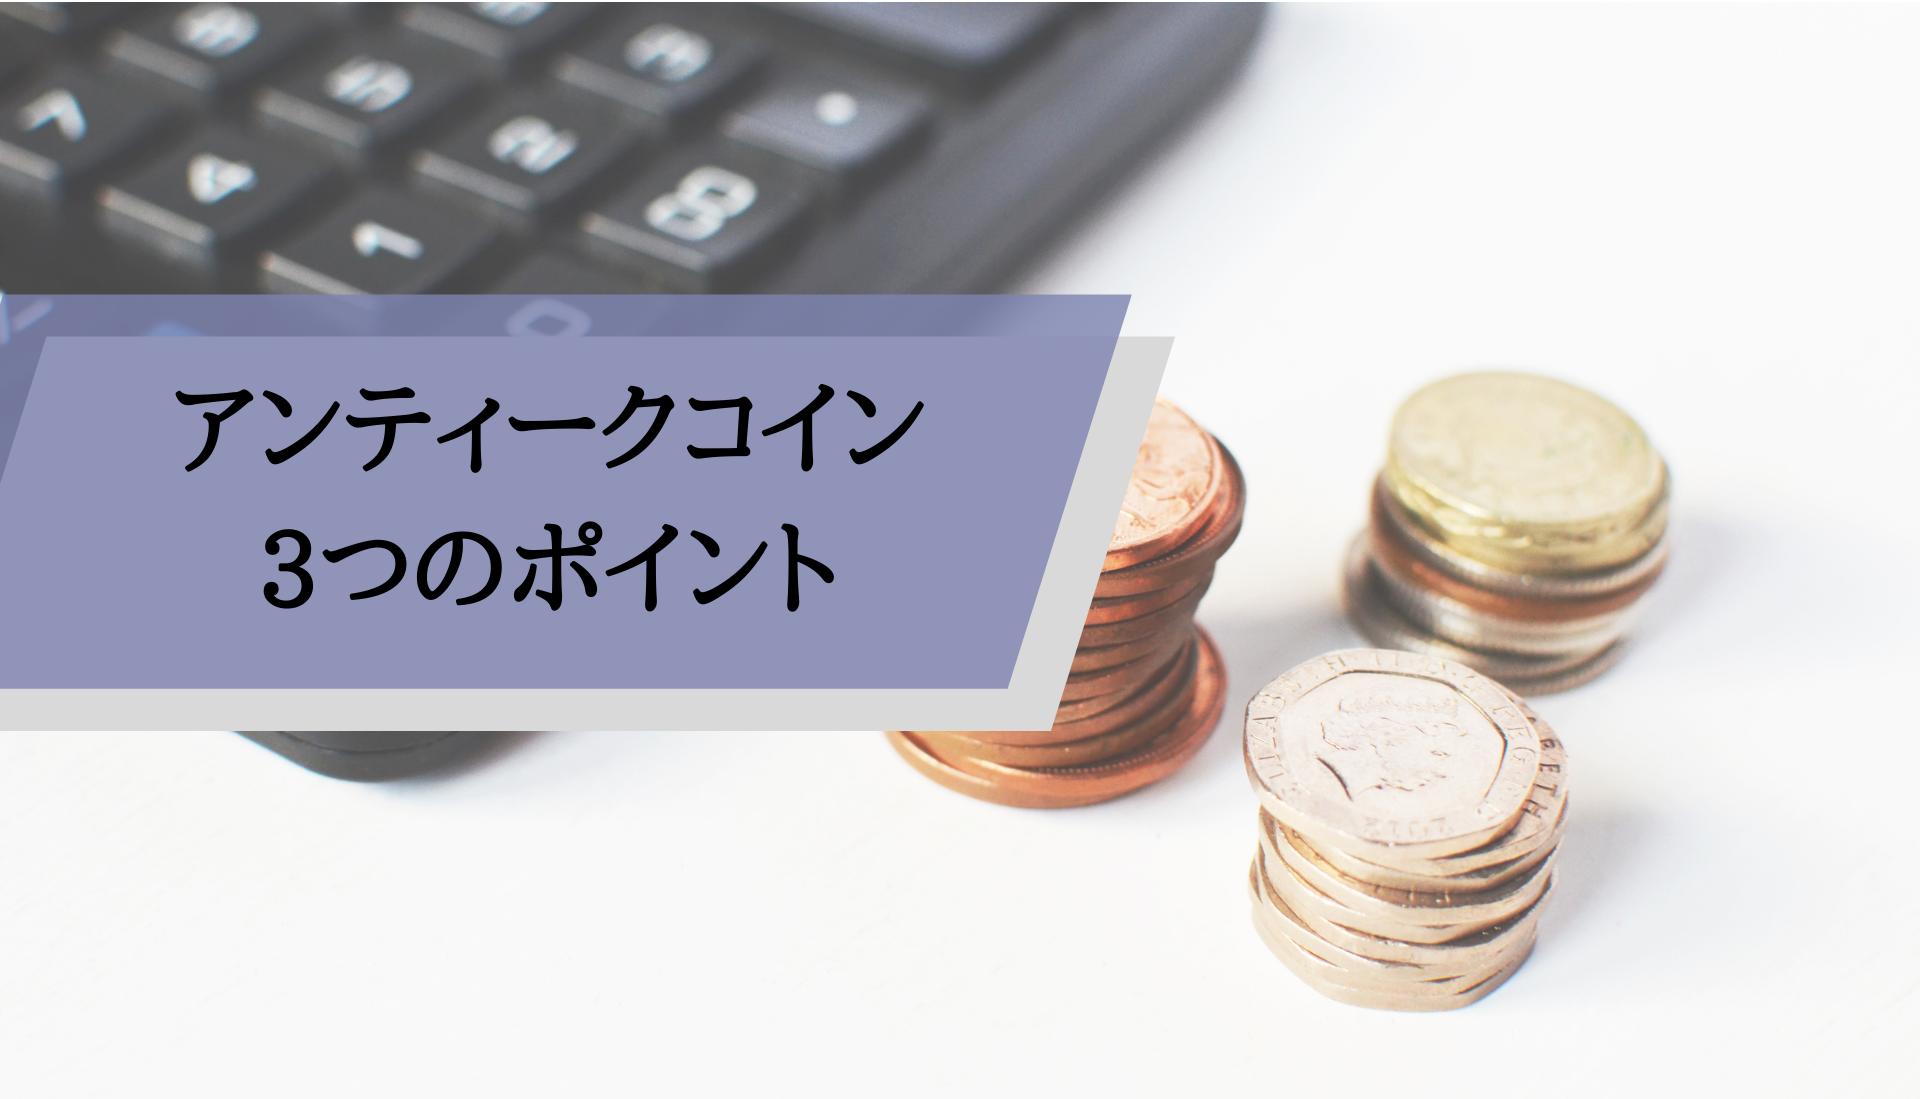 アンティークコイン価値_3つのポイント